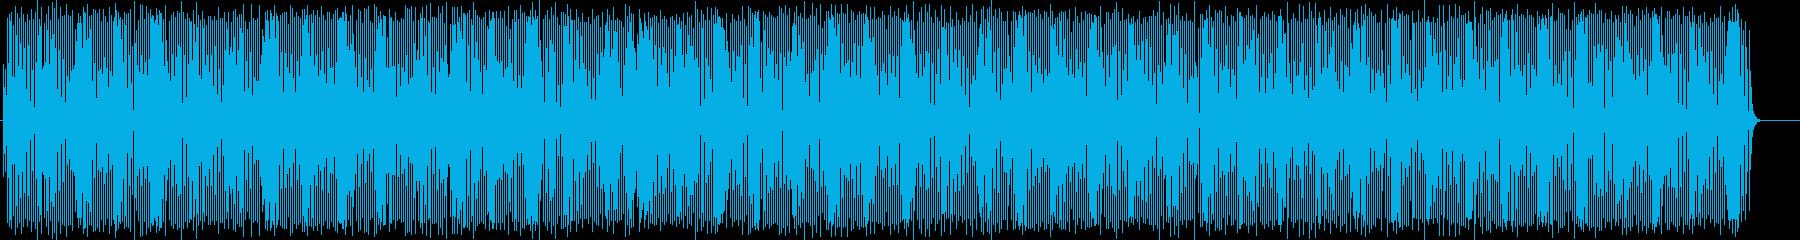 クッキング-雑談-CM-可愛い-おもちゃの再生済みの波形